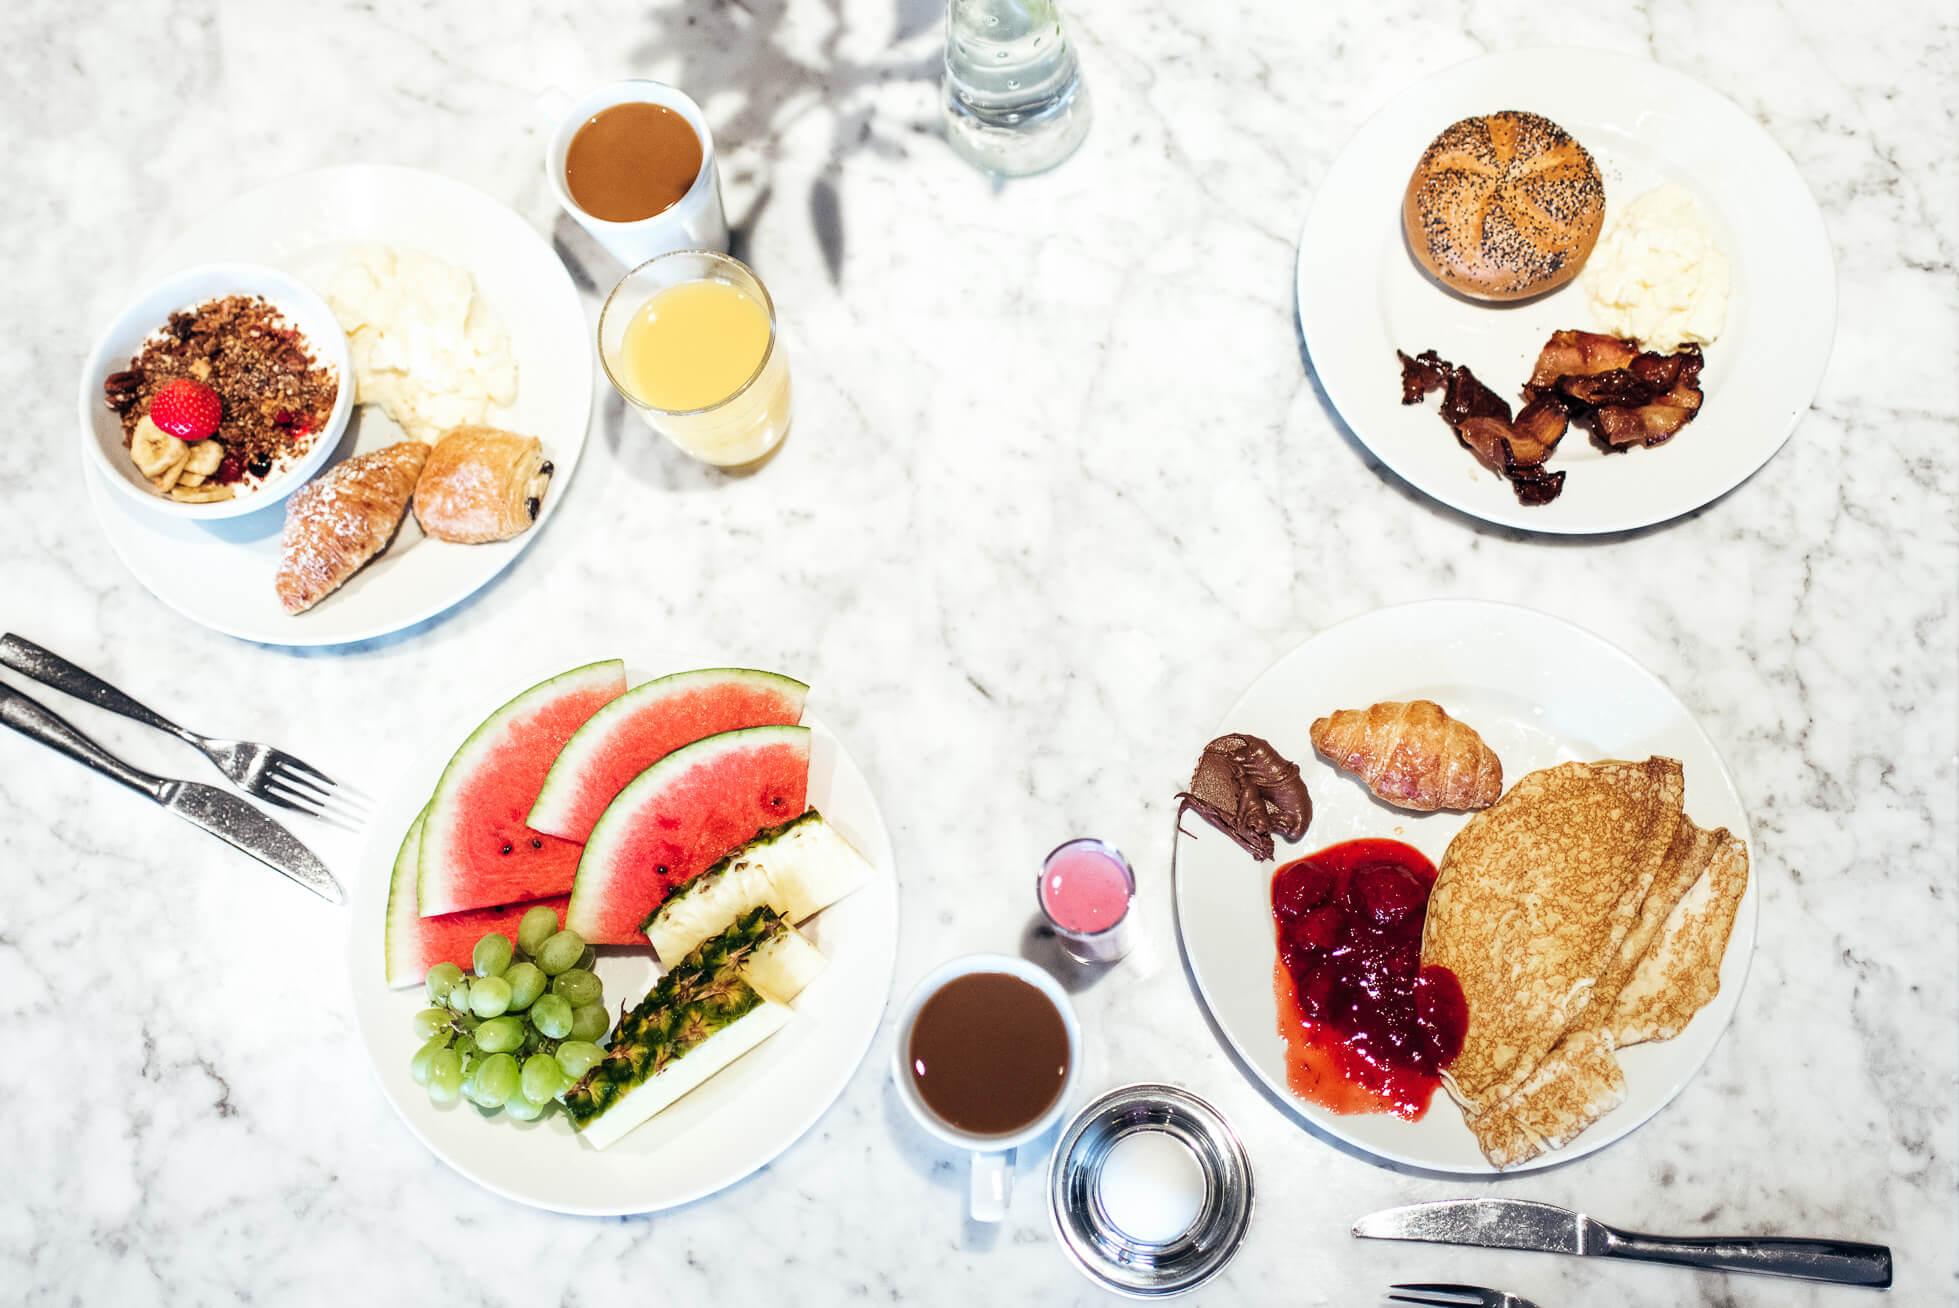 janni-deler-hotel-breakfastDSC_1003-Redigera